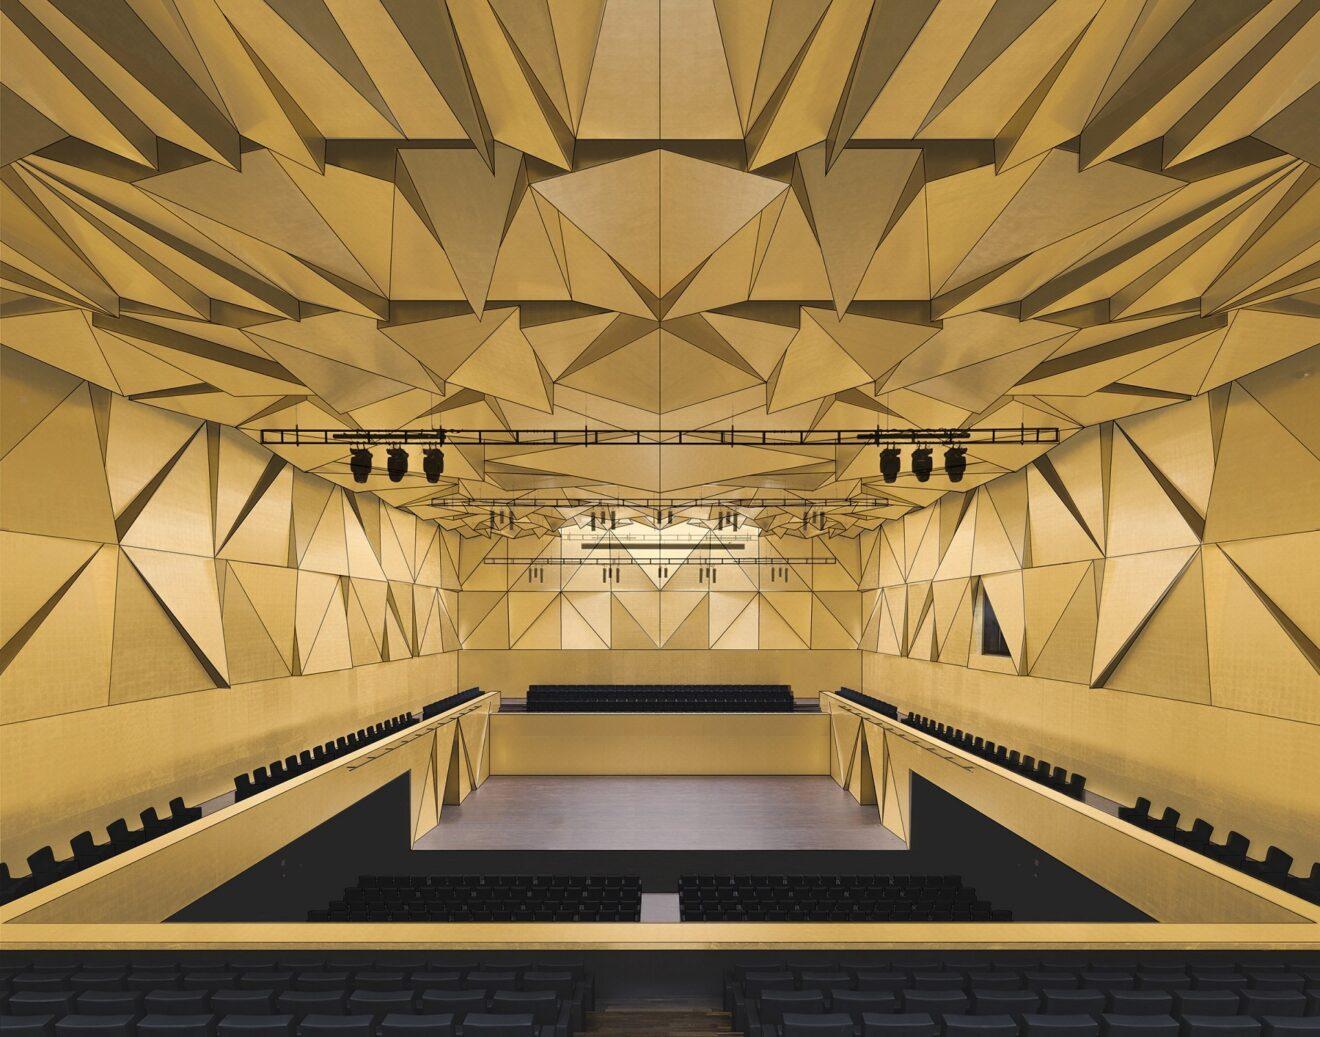 Impressies concertgebouw